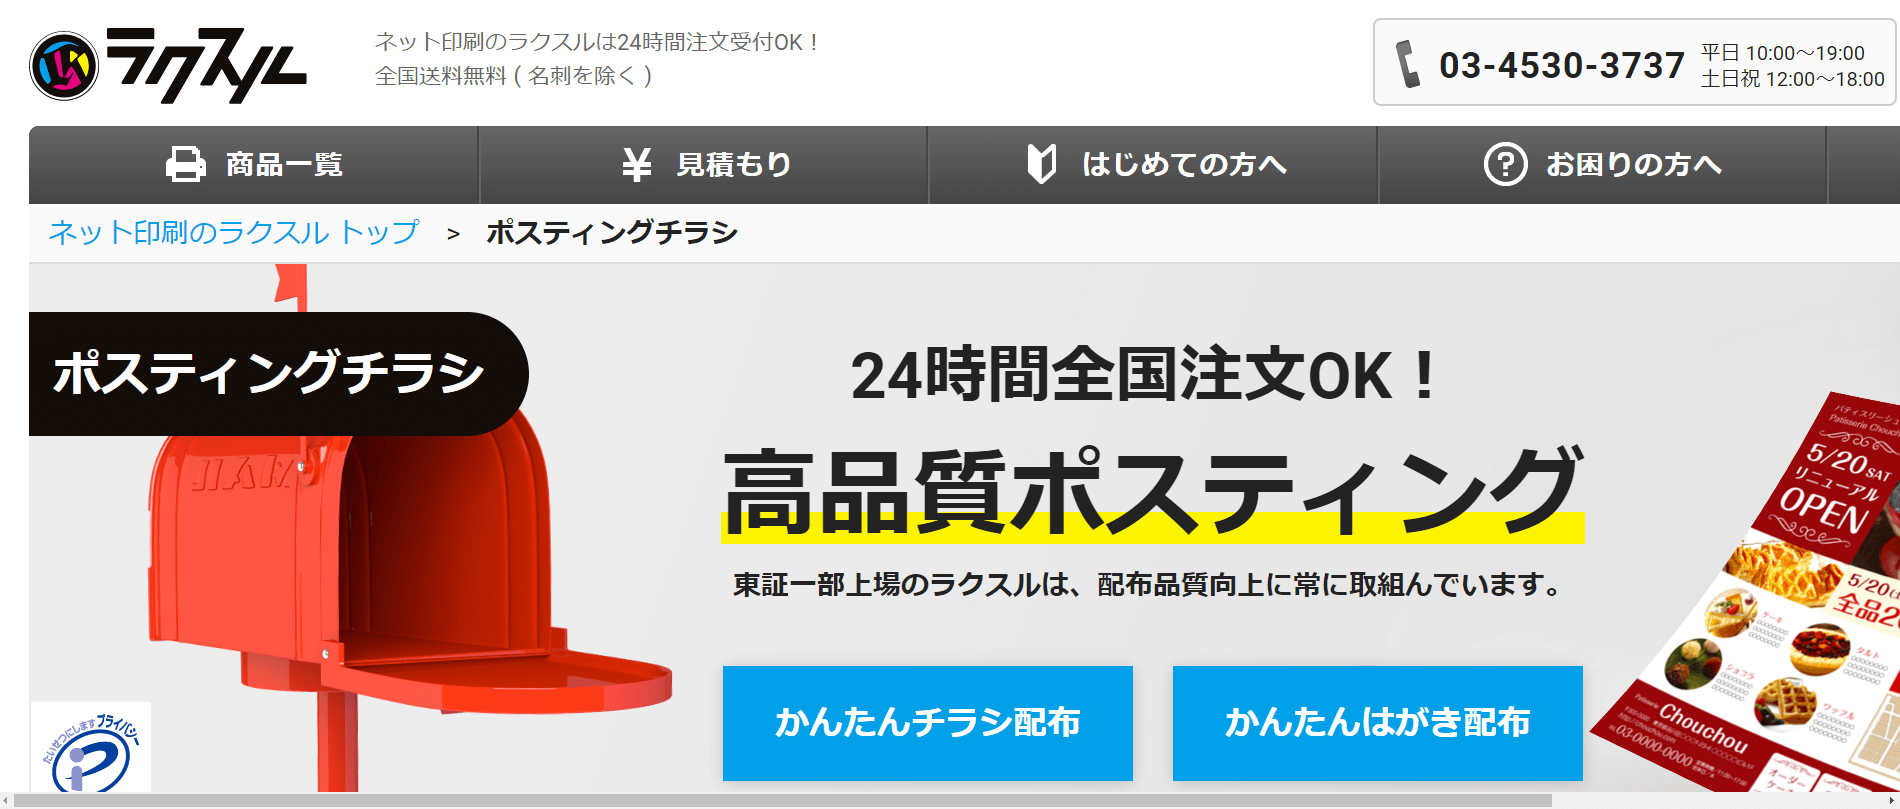 佐々木順建設株式会社の画像